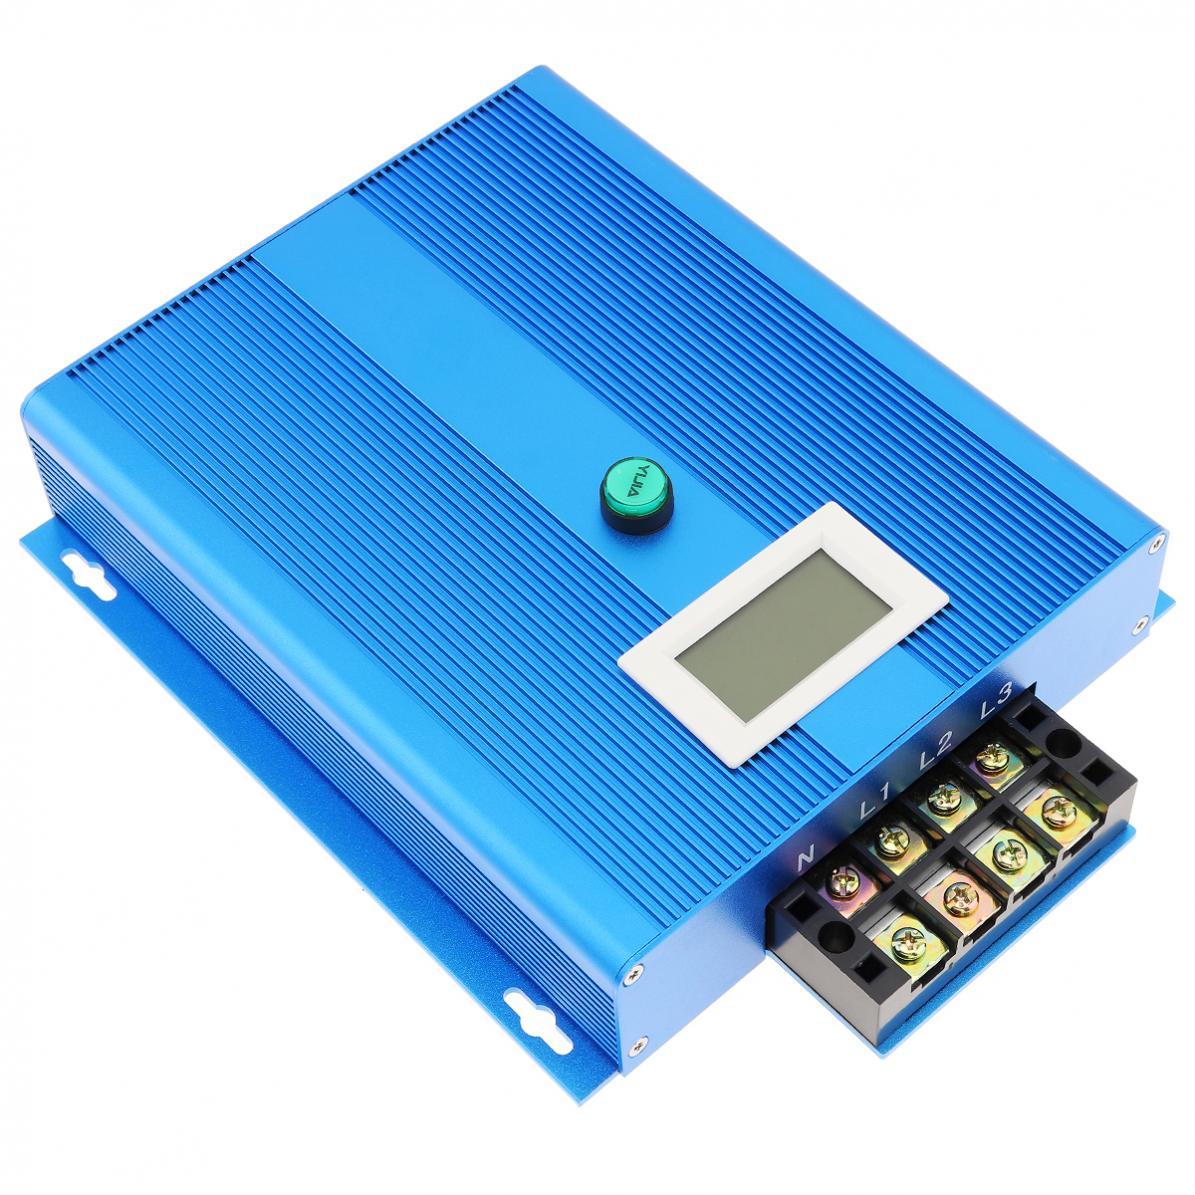 Industurial Dispositivo di Risparmio di Elettricità con Indicatore Led Intelligente di Energia Elettrica Bill Killer Fino a 30% per Il Ristorante di Fabbrica - 6